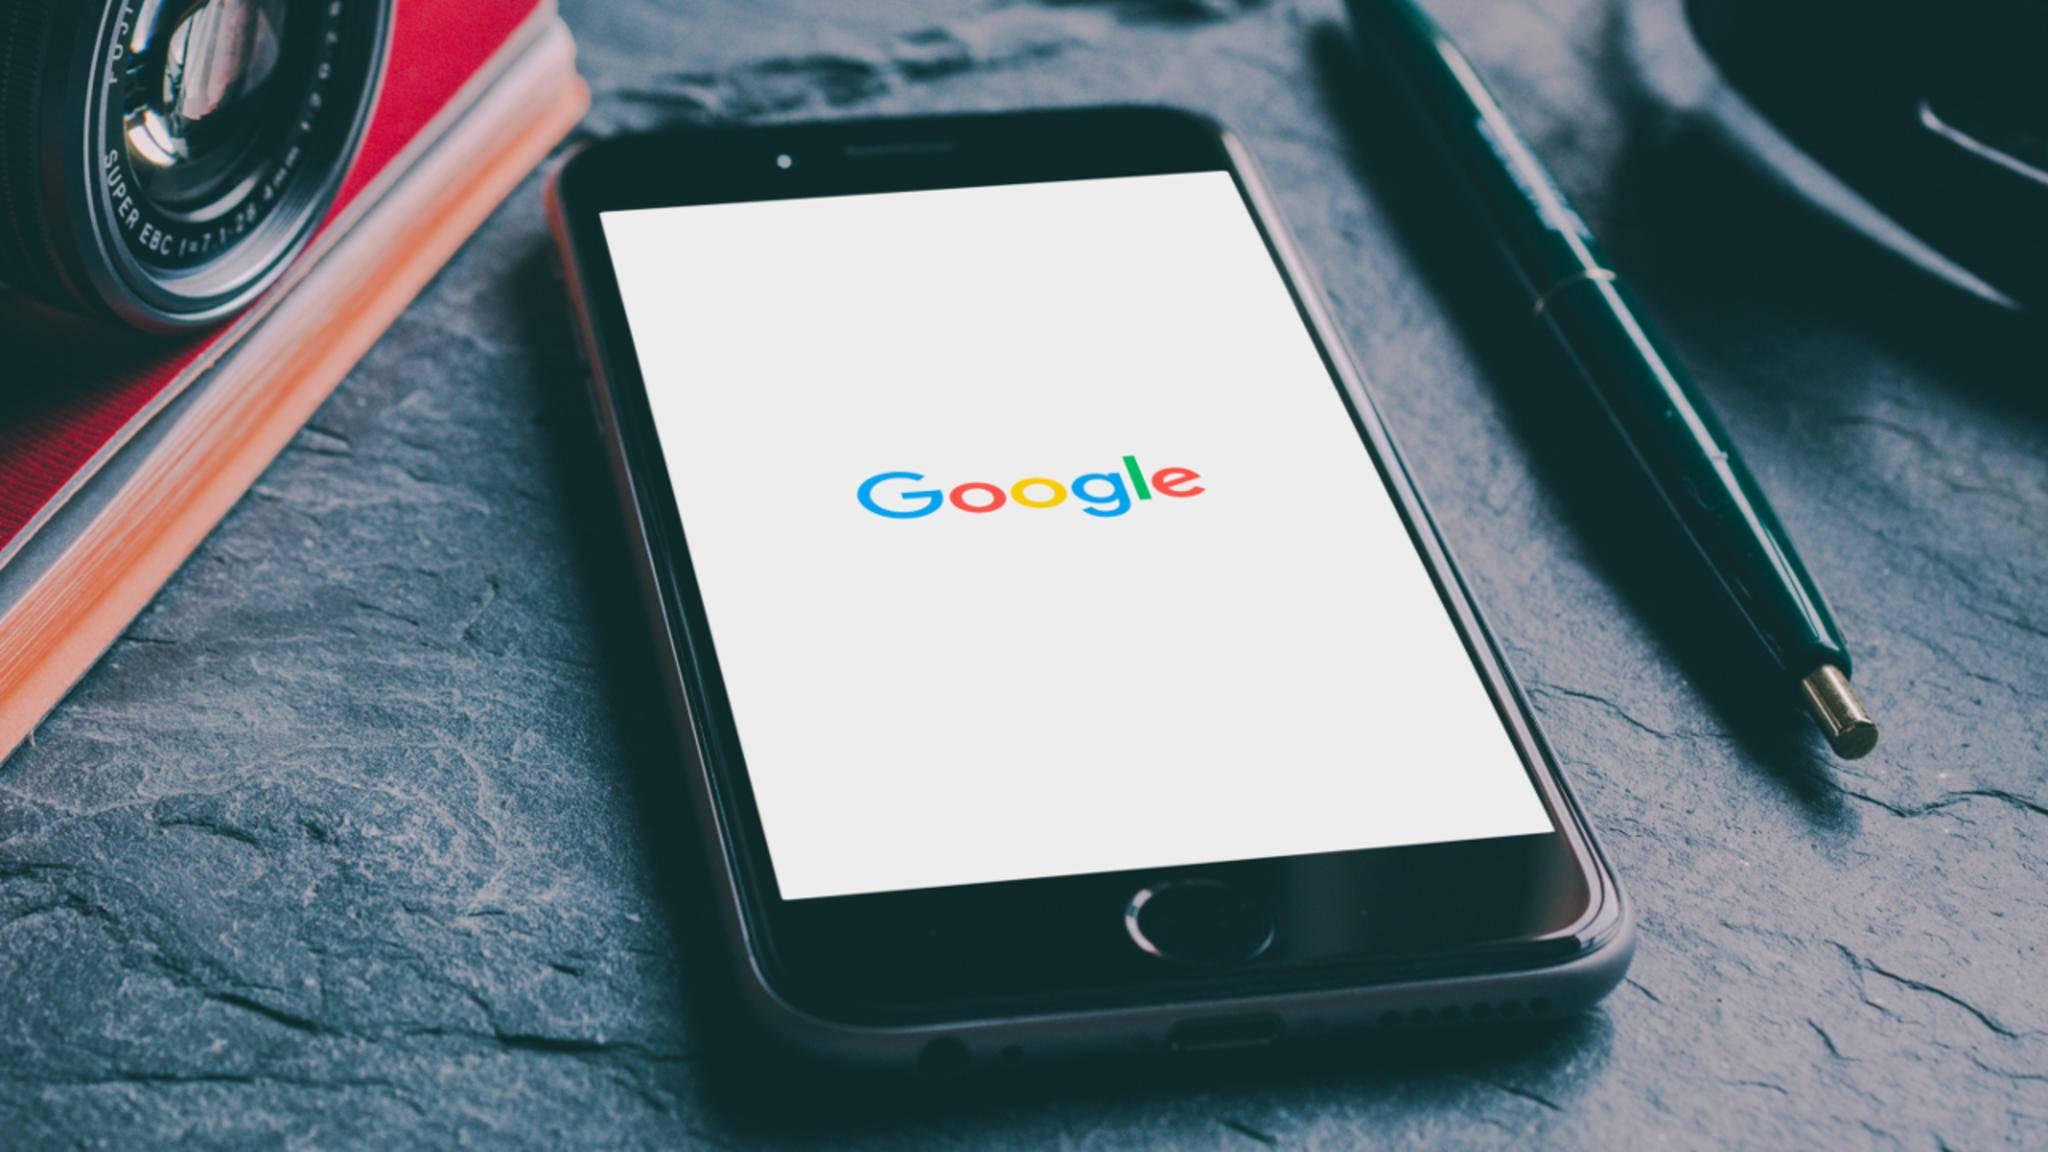 Zukünftig wird man sich bei Google über unerwünschte Suchergebnisse beschweren können.